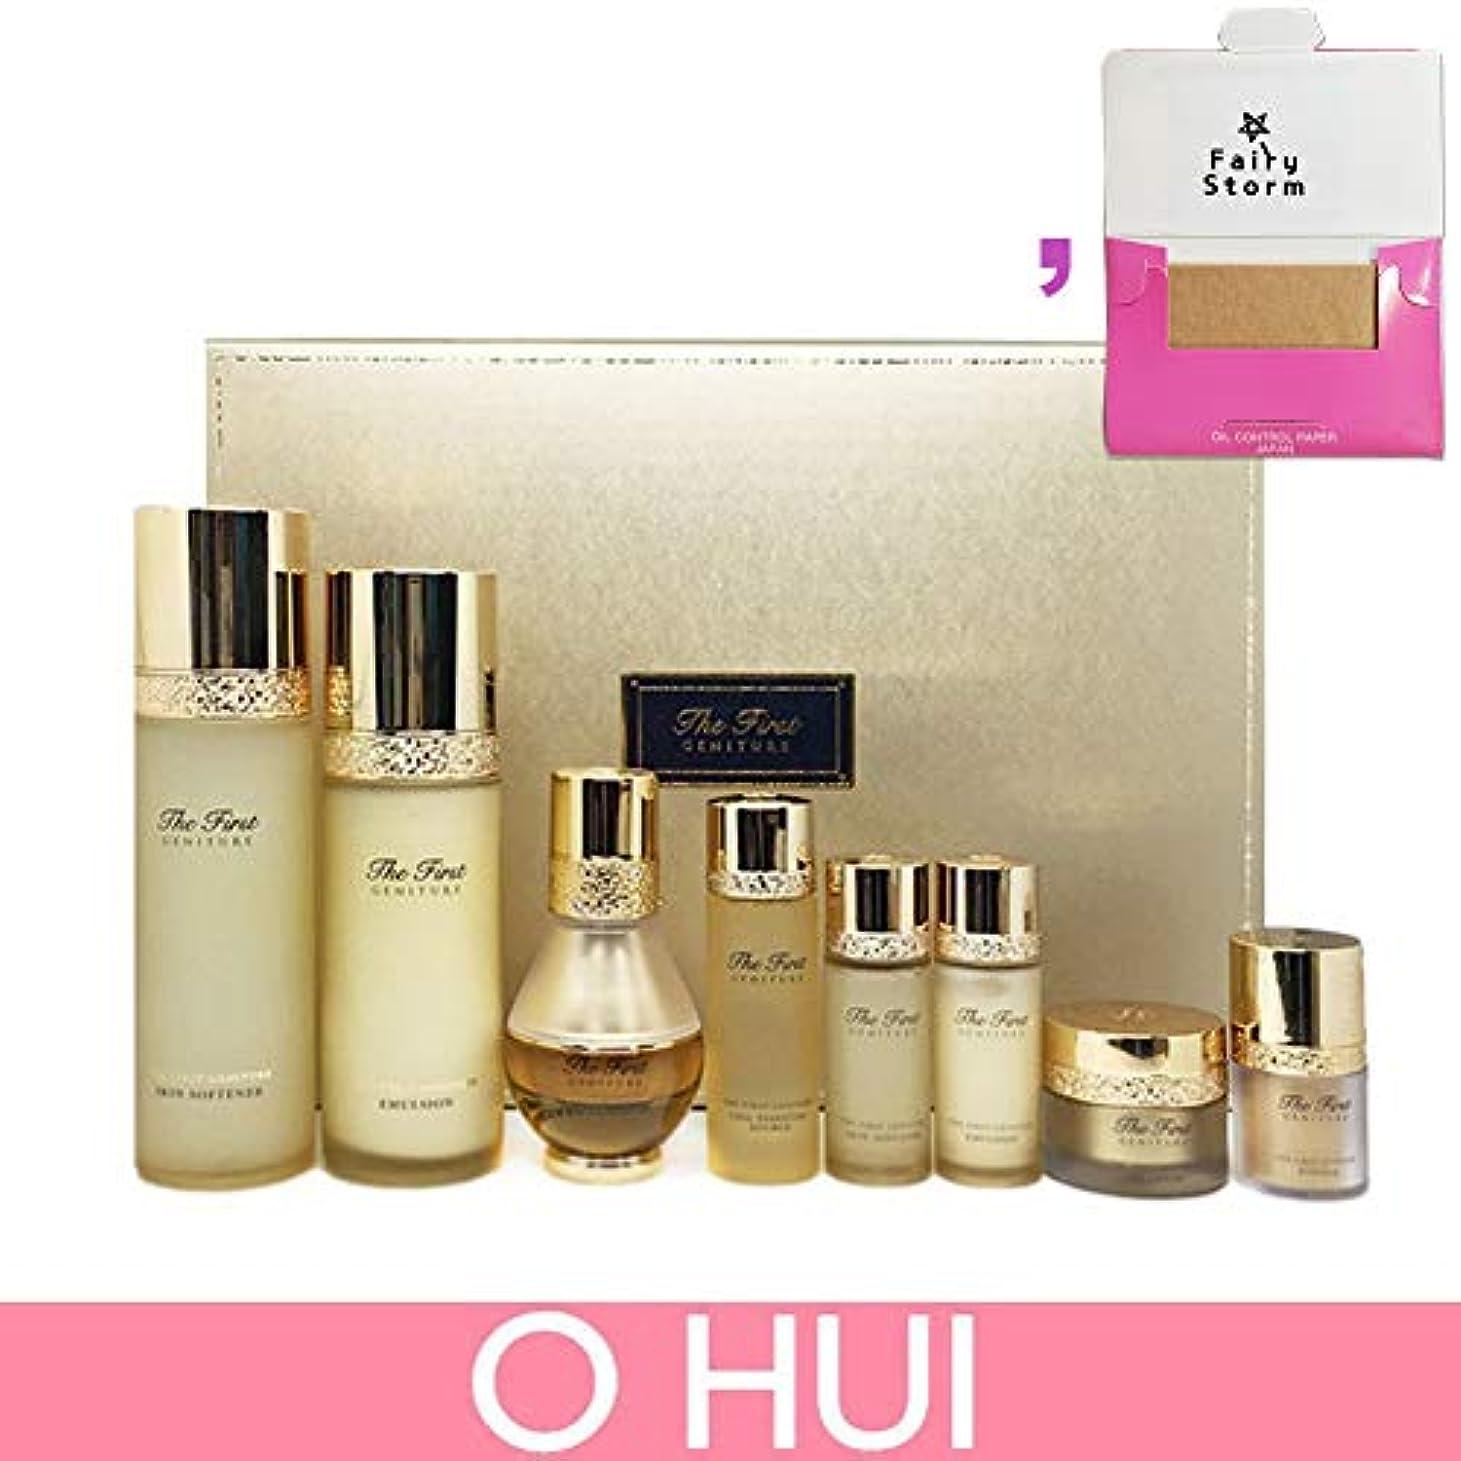 製作広告主難しい[オフィ/O HUI]韓国化粧品 LG生活健康/O HUI THE FIRST 3EA SET/オフィ ザ?ファースト 3点セット + [Sample Gift](海外直送品)